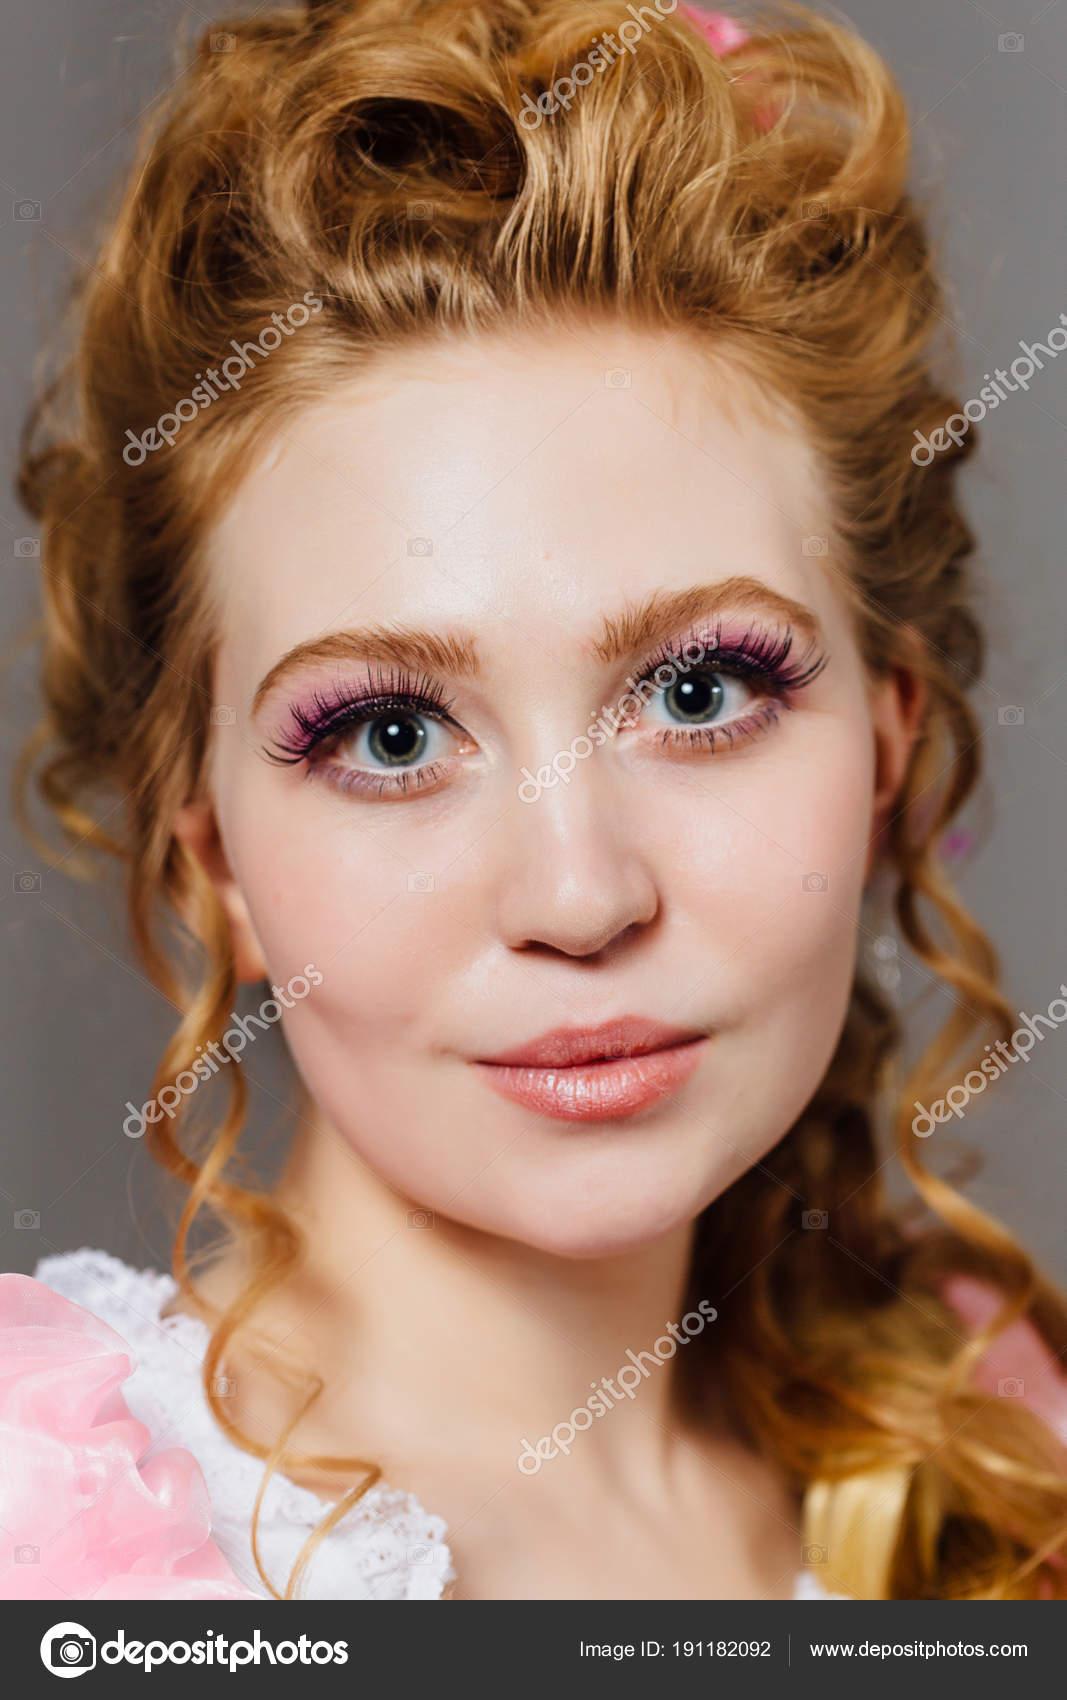 Schone Junge Madchen Mit Lockige Frisur Wunderschone Prinzessin In